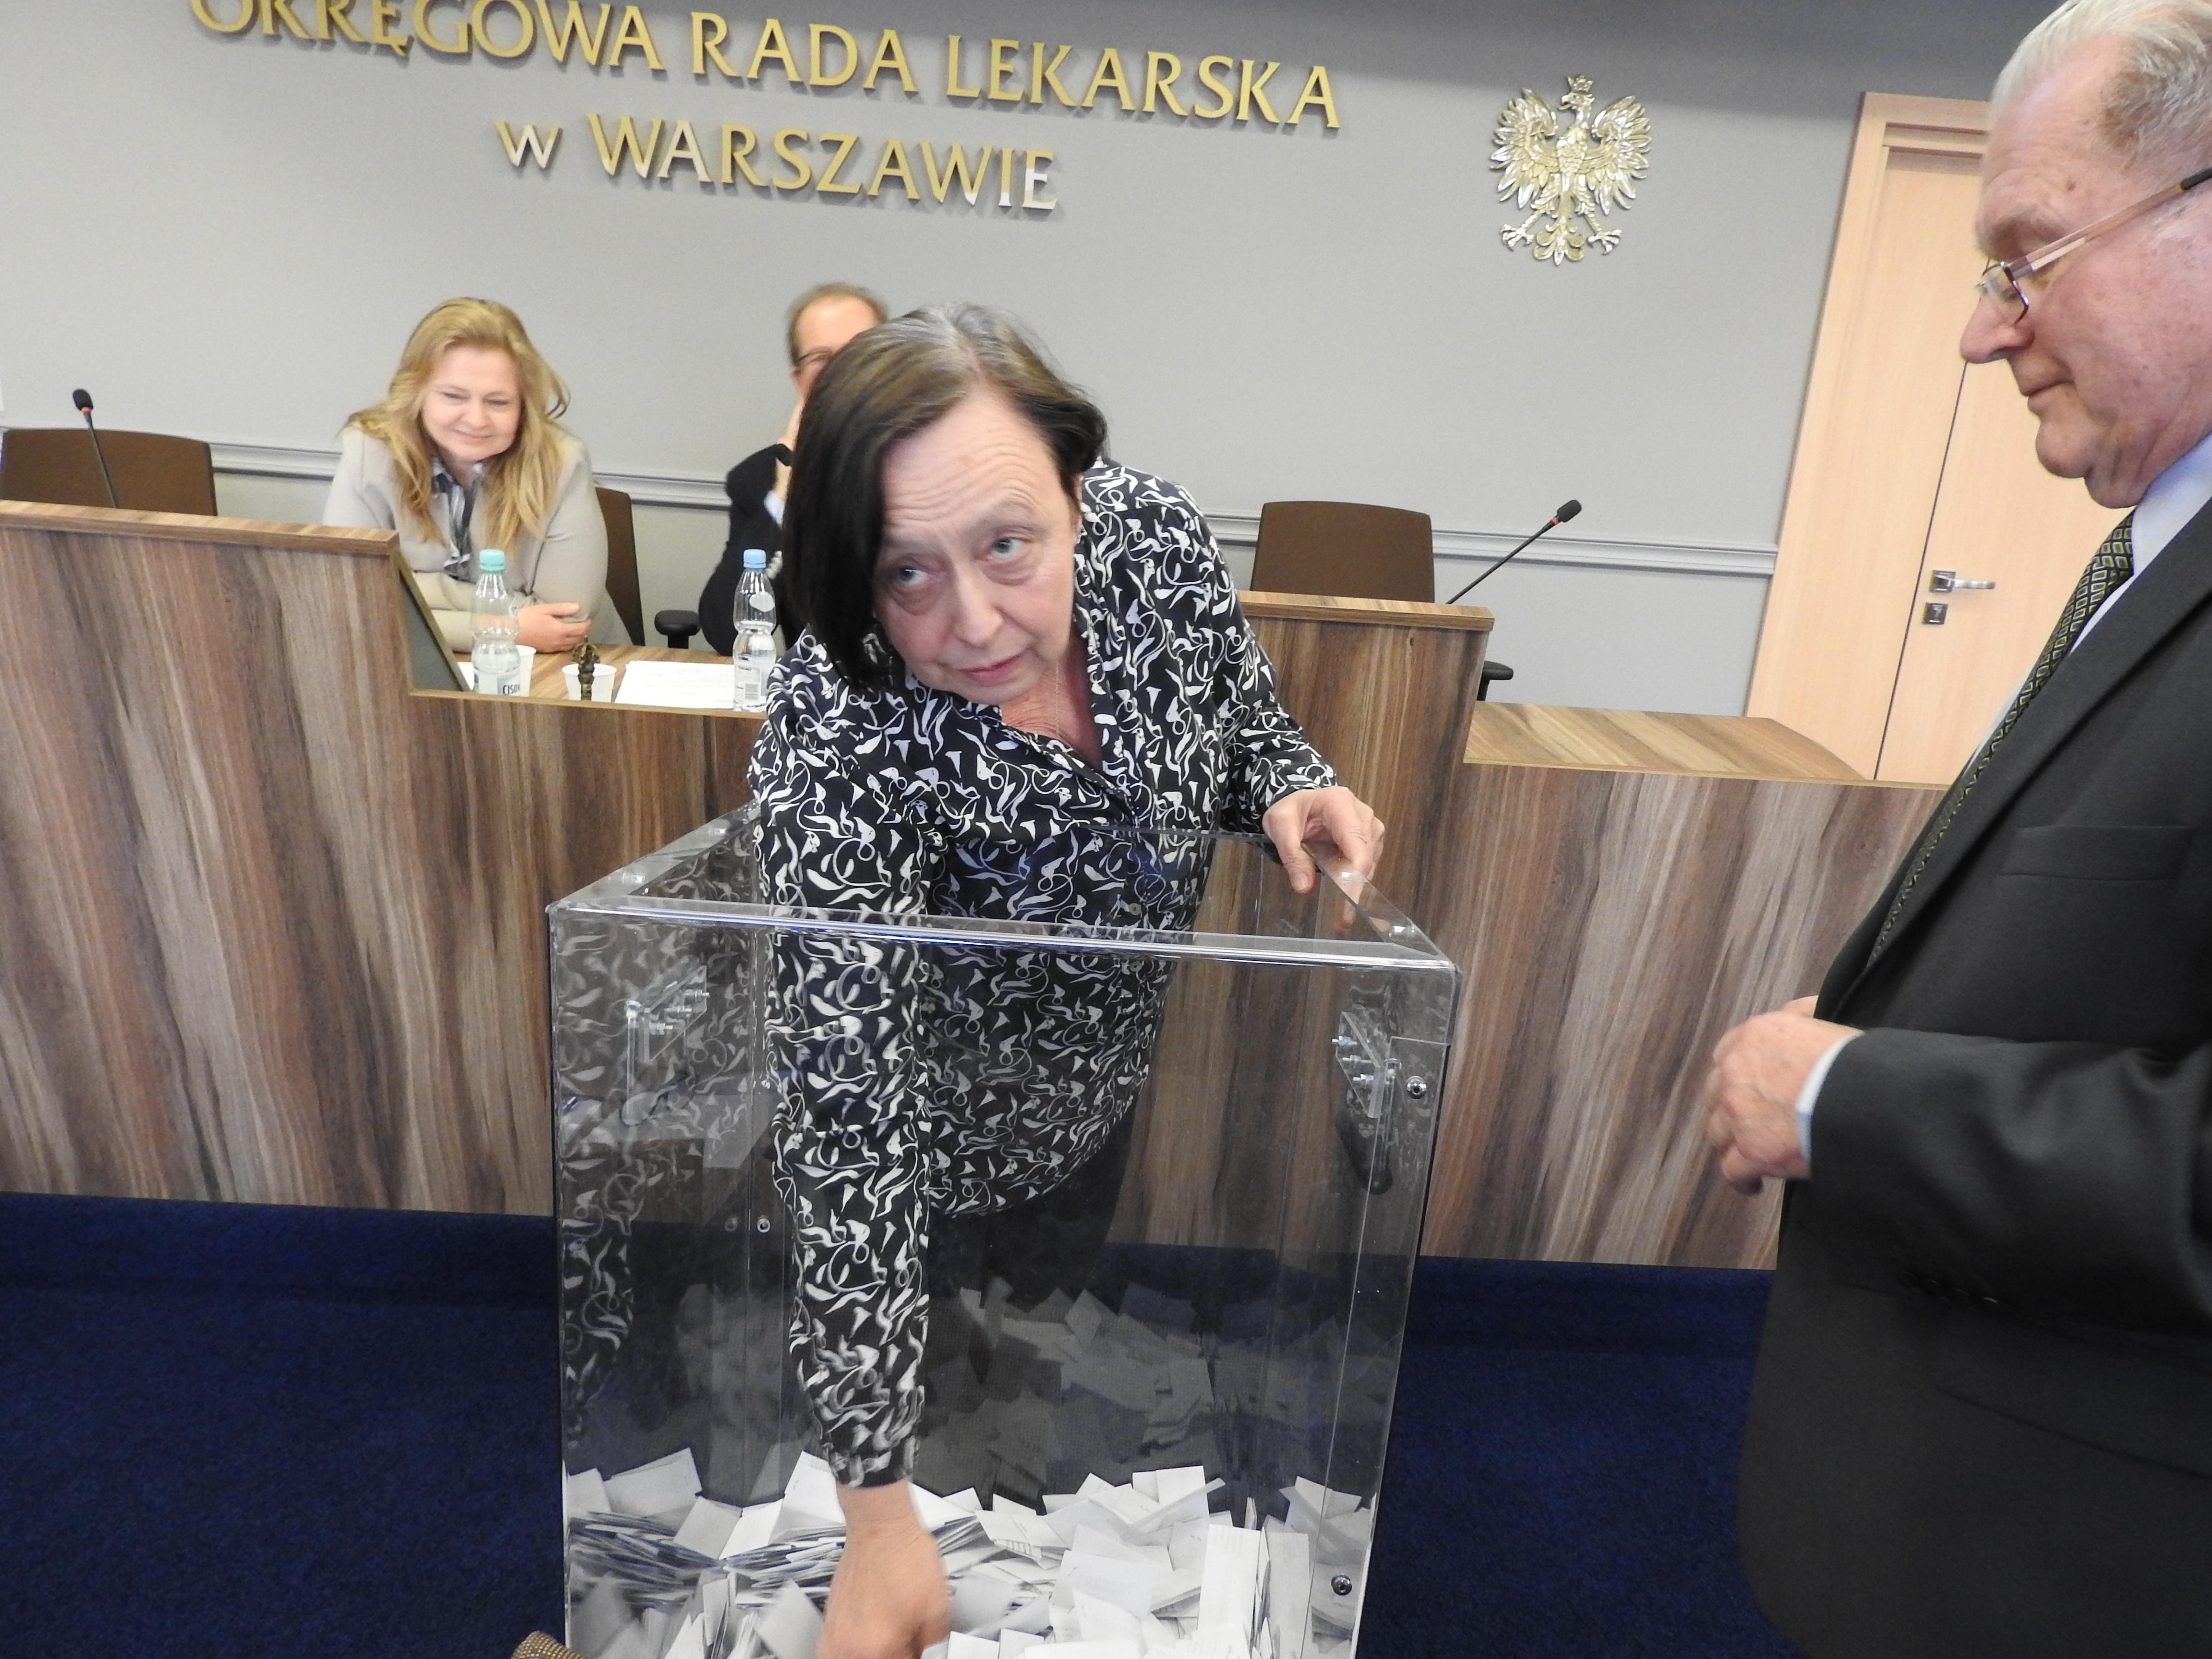 440615c2dd03c1 Losowanie nagród ufundowanych przez OIL w Warszawie dla lekarzy i lekarzy  dentystów